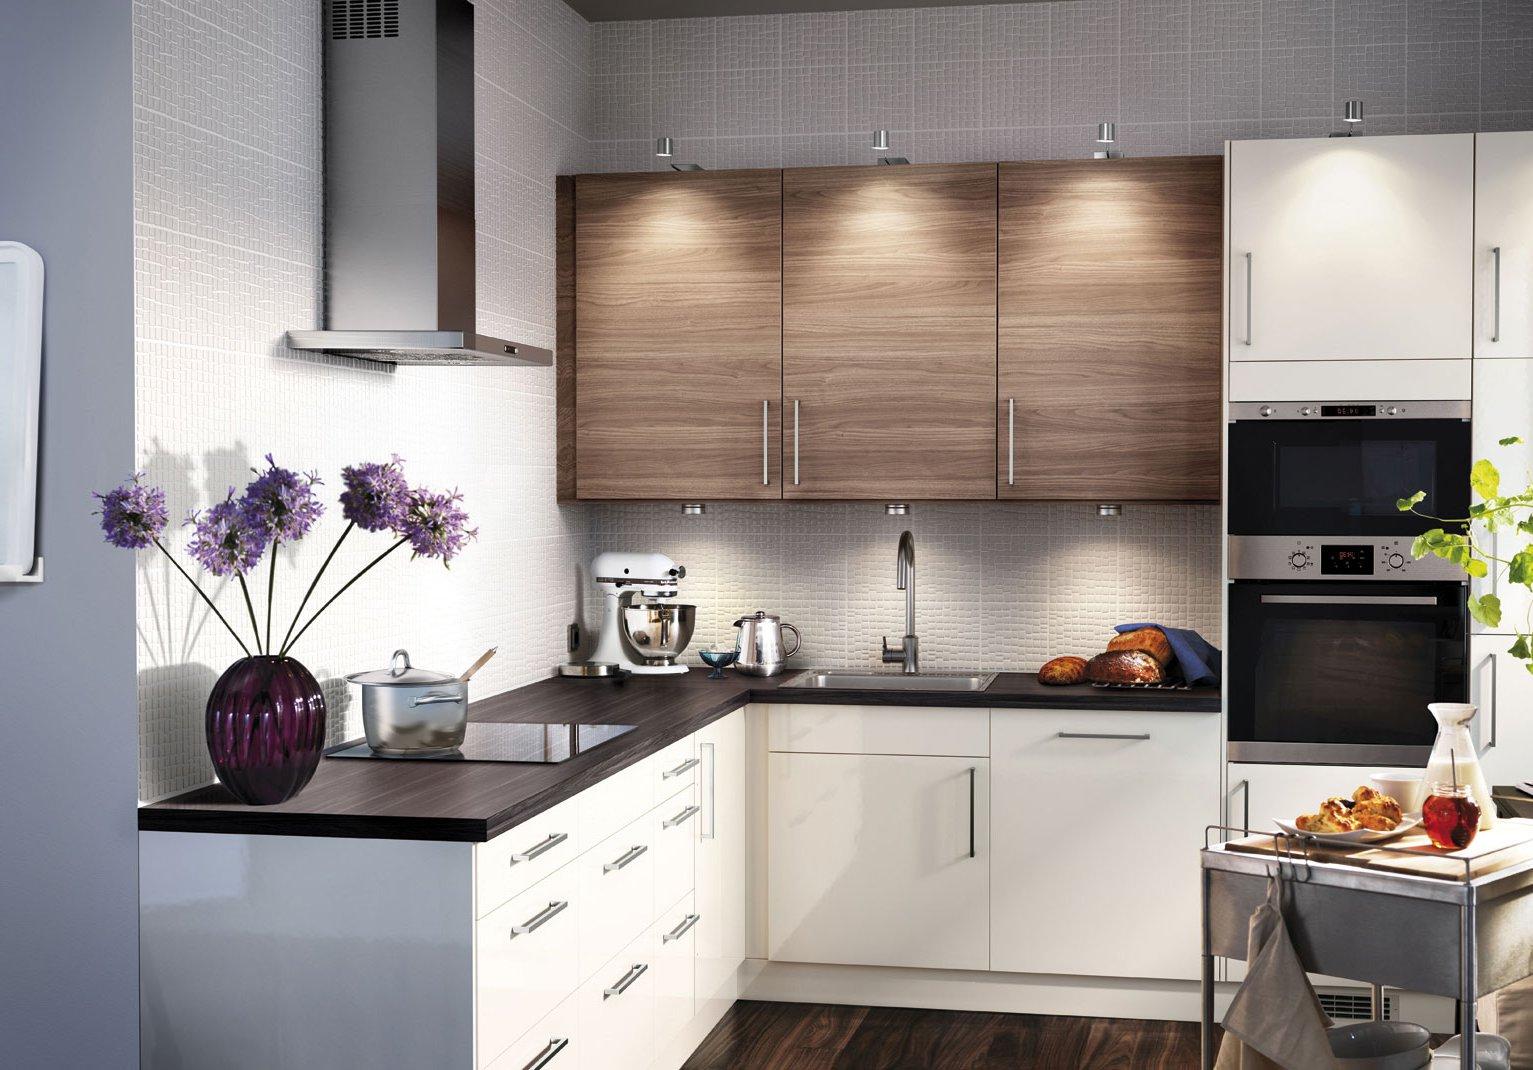 модульные кухни икеа в интерьере многообразие дизайна легкая